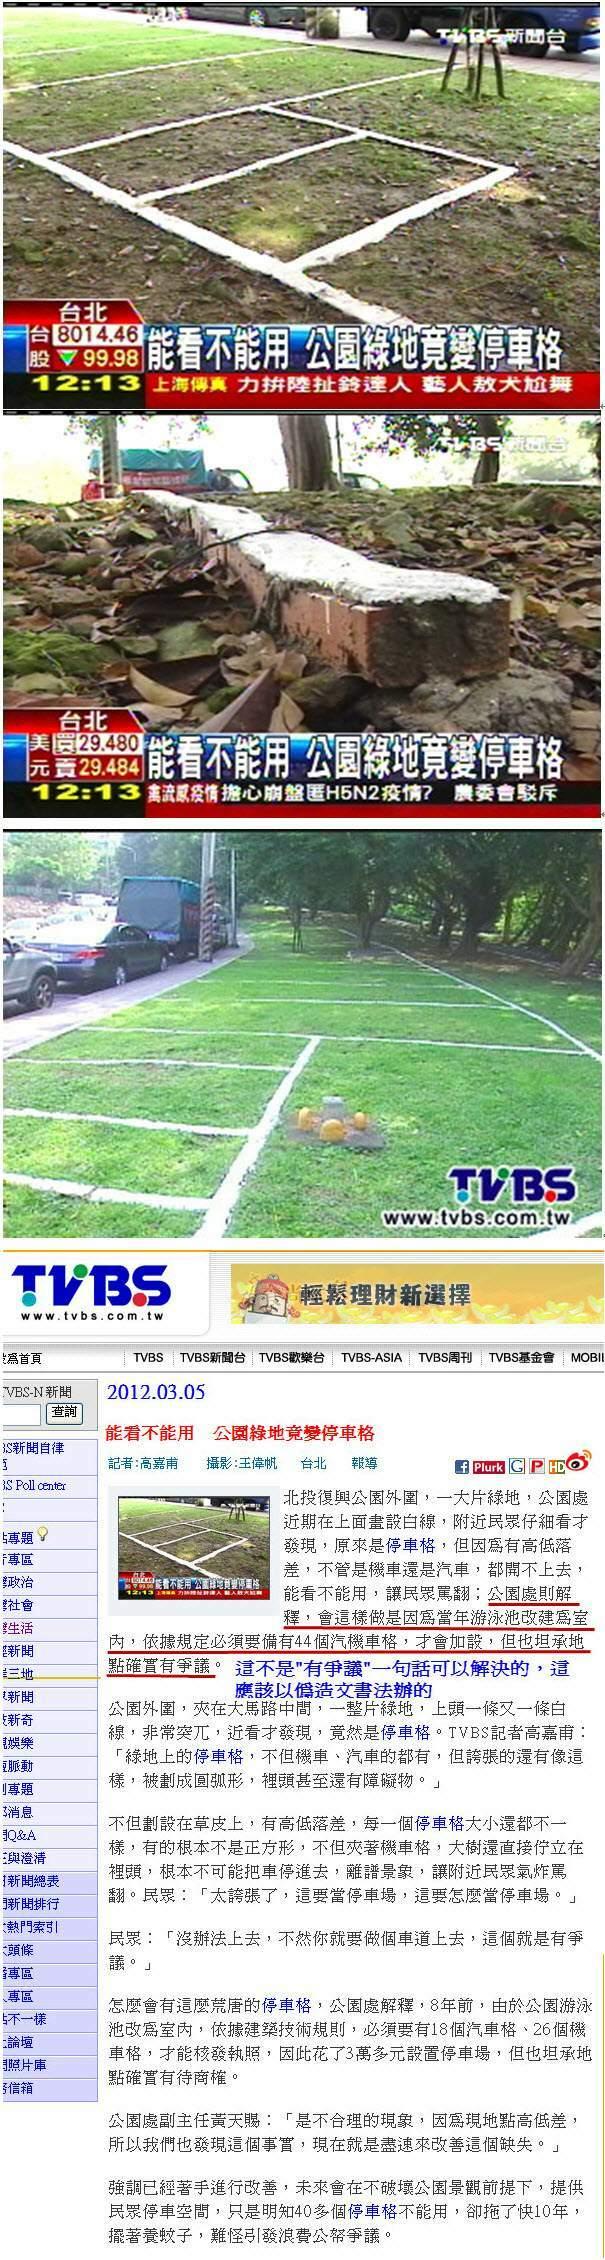 能看不能用 公園綠地竟變停車格-2012.03.05-00